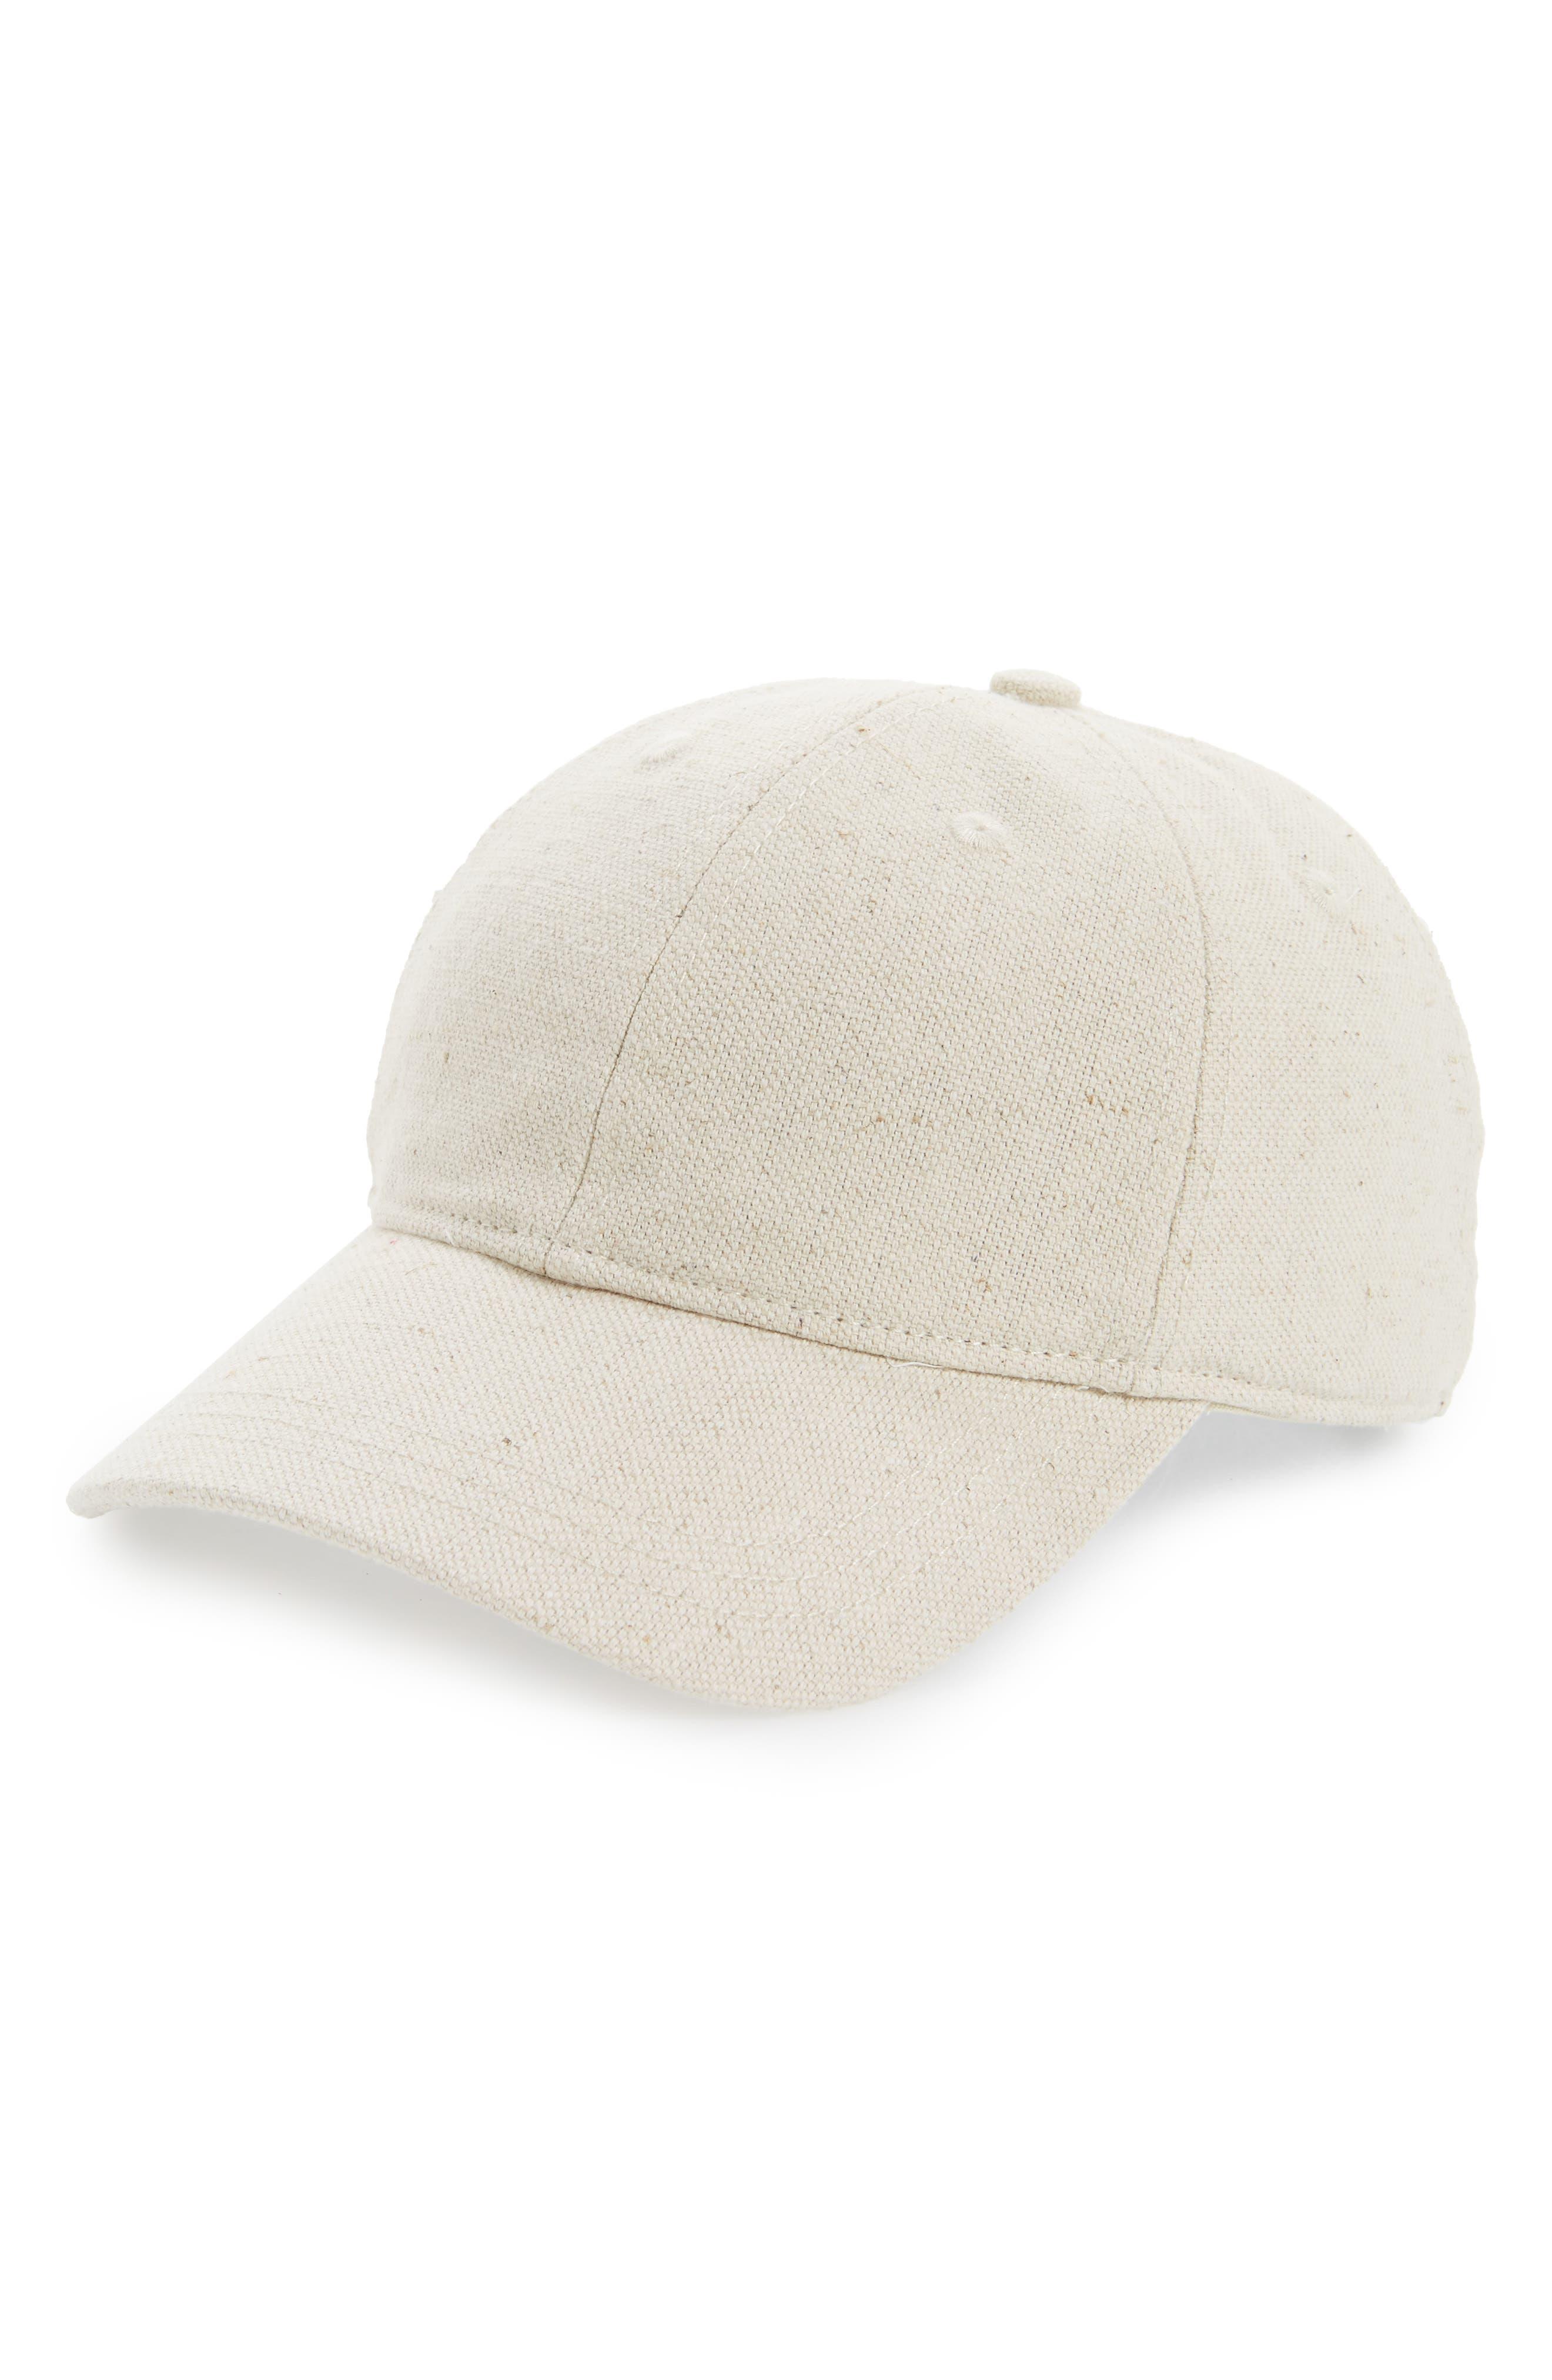 Madewell Cotton & Linen Baseball Cap